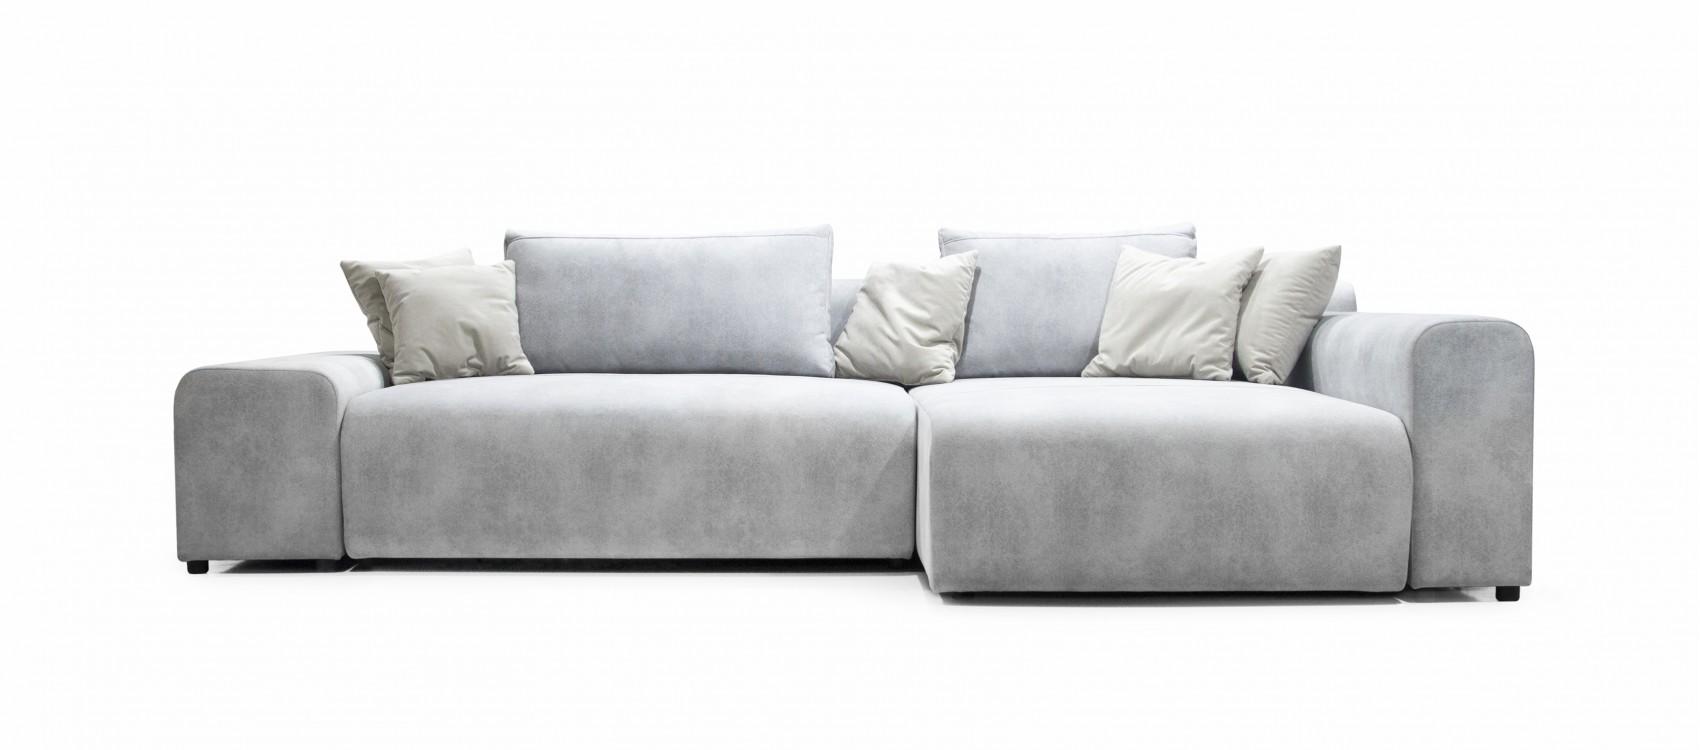 Sofa RAFT foto 3